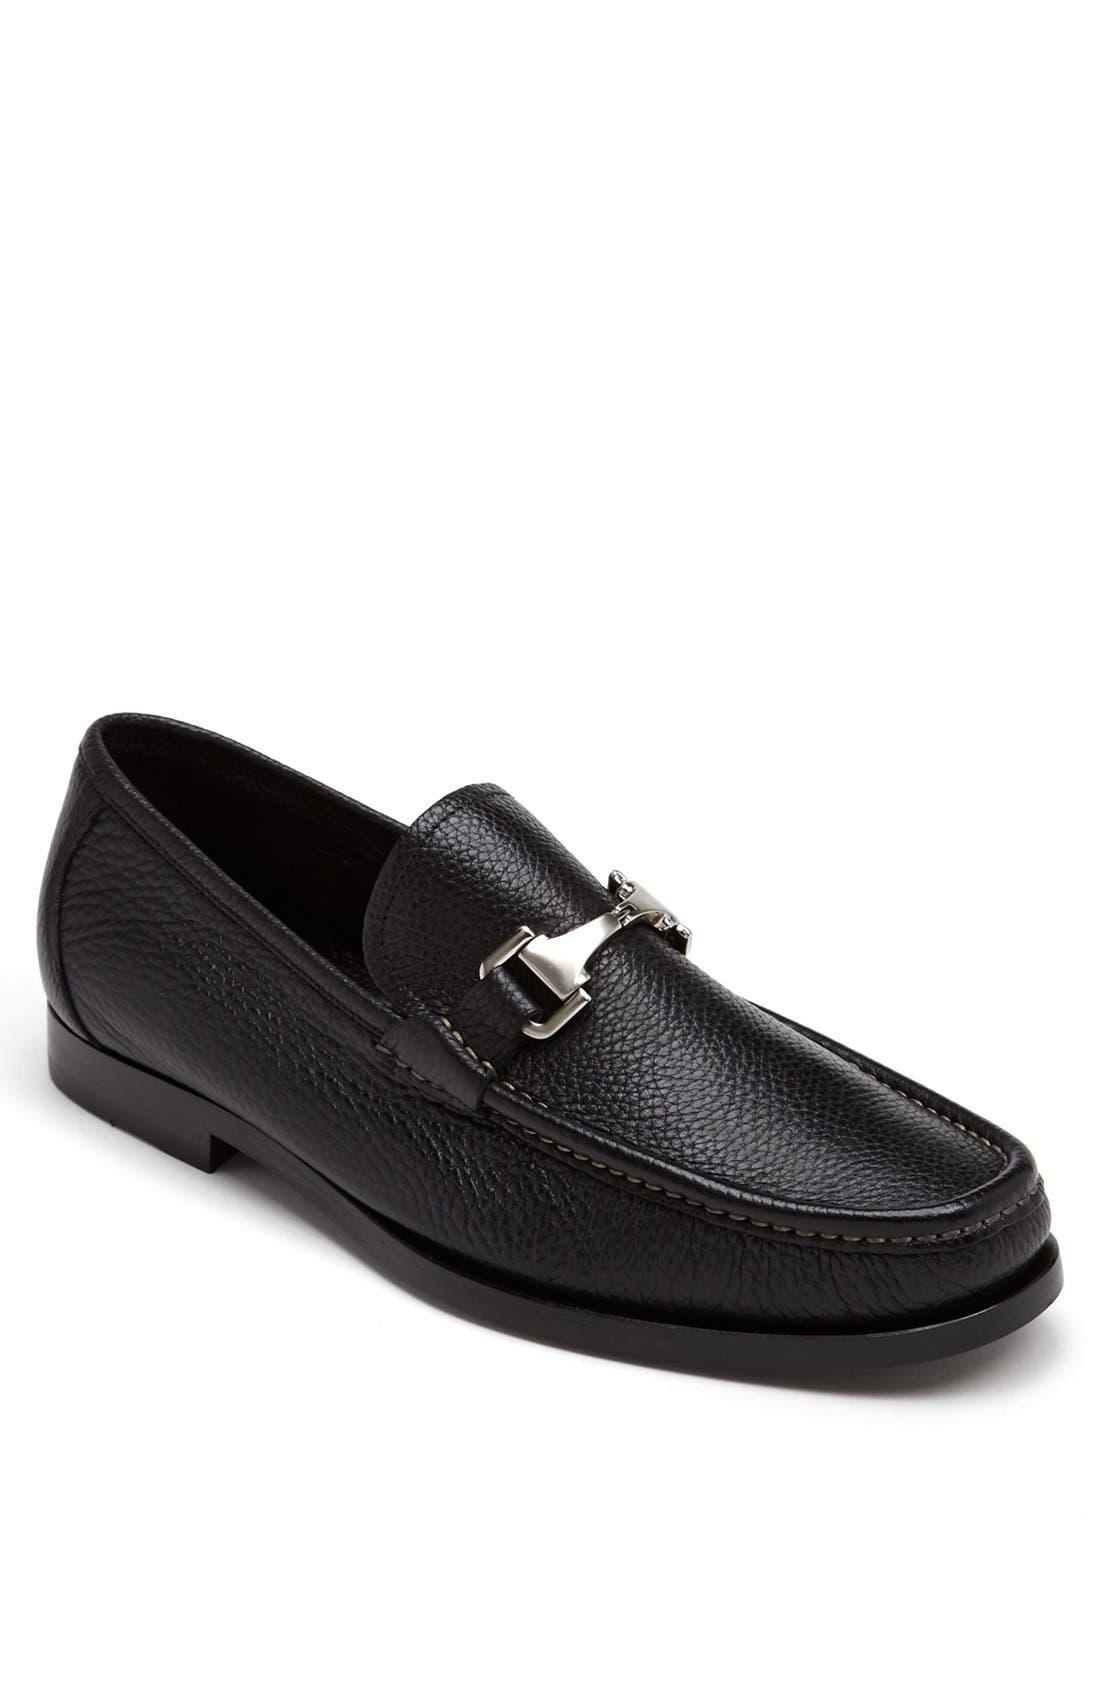 'Firenze' Bit Loafer,                         Main,                         color, Black